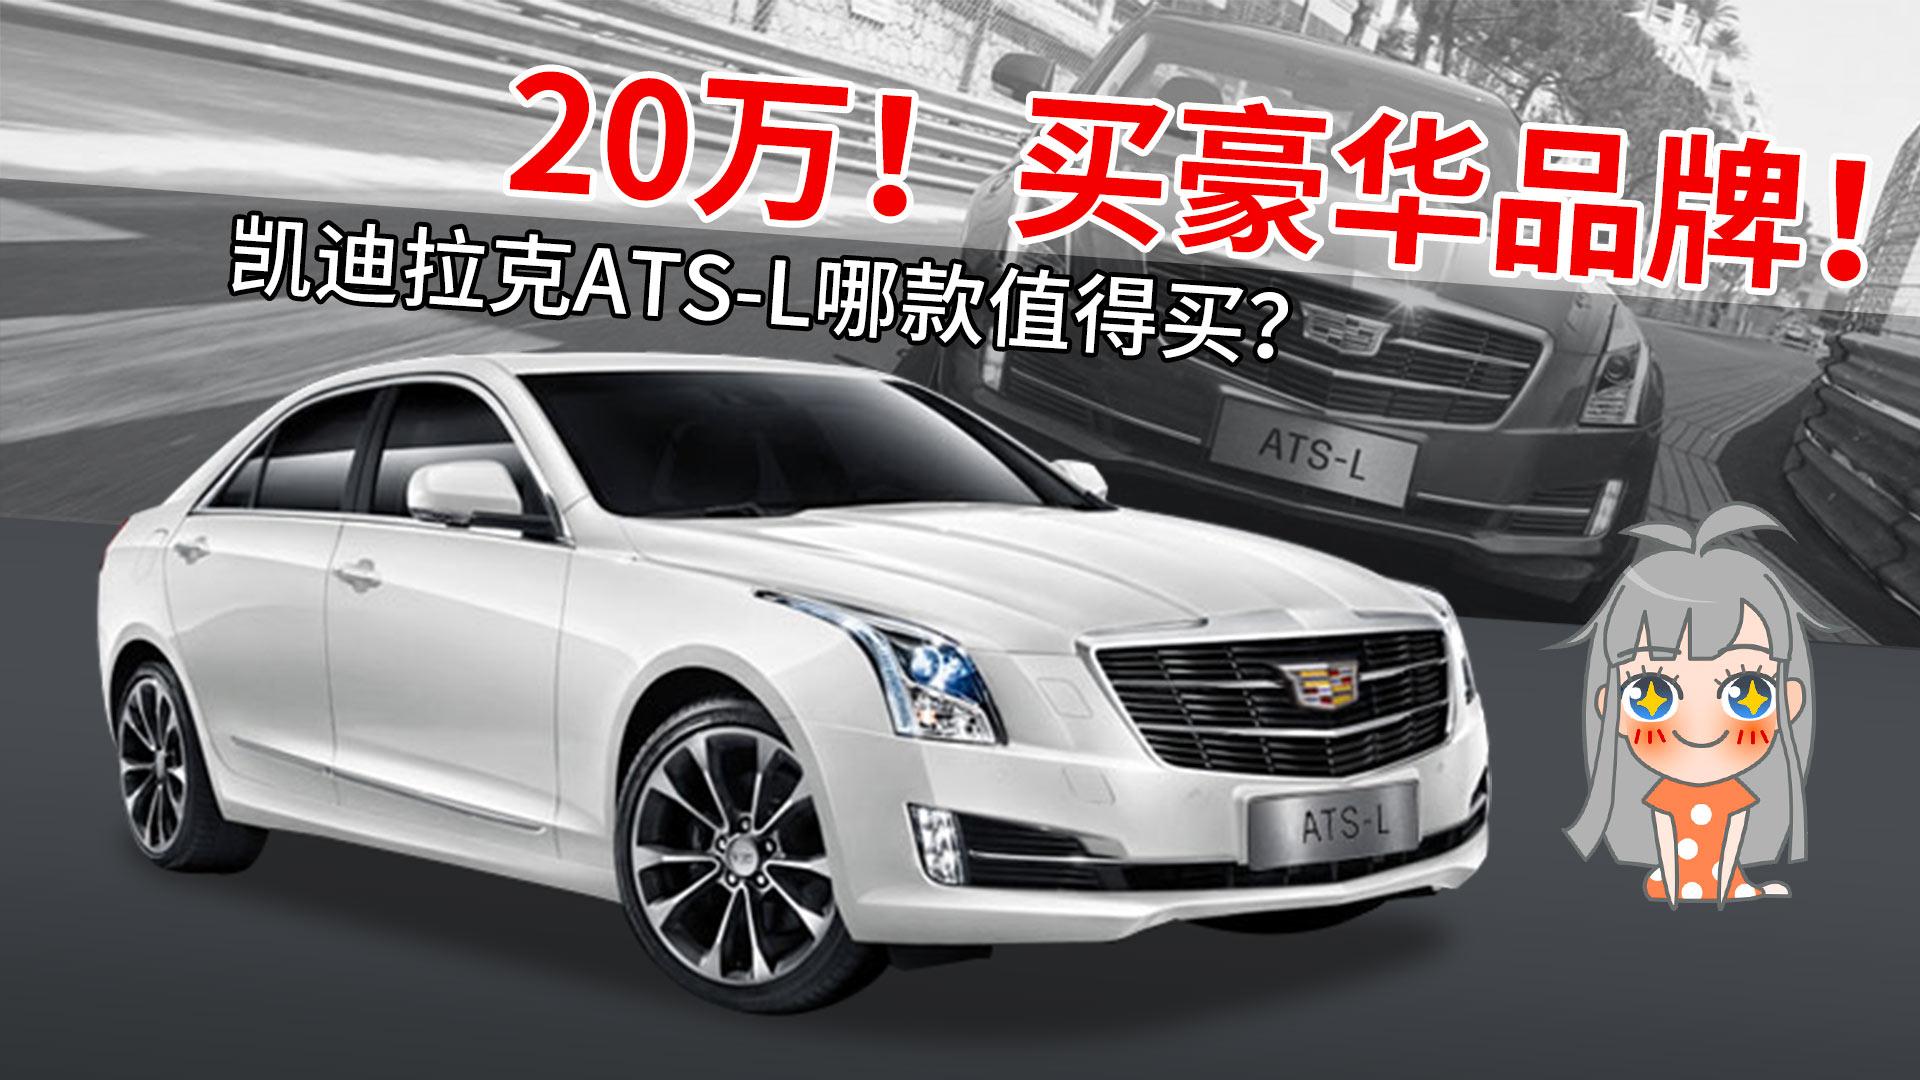 【购车300秒】20万买豪华品牌 凯迪拉克ATS-L车型配置解析